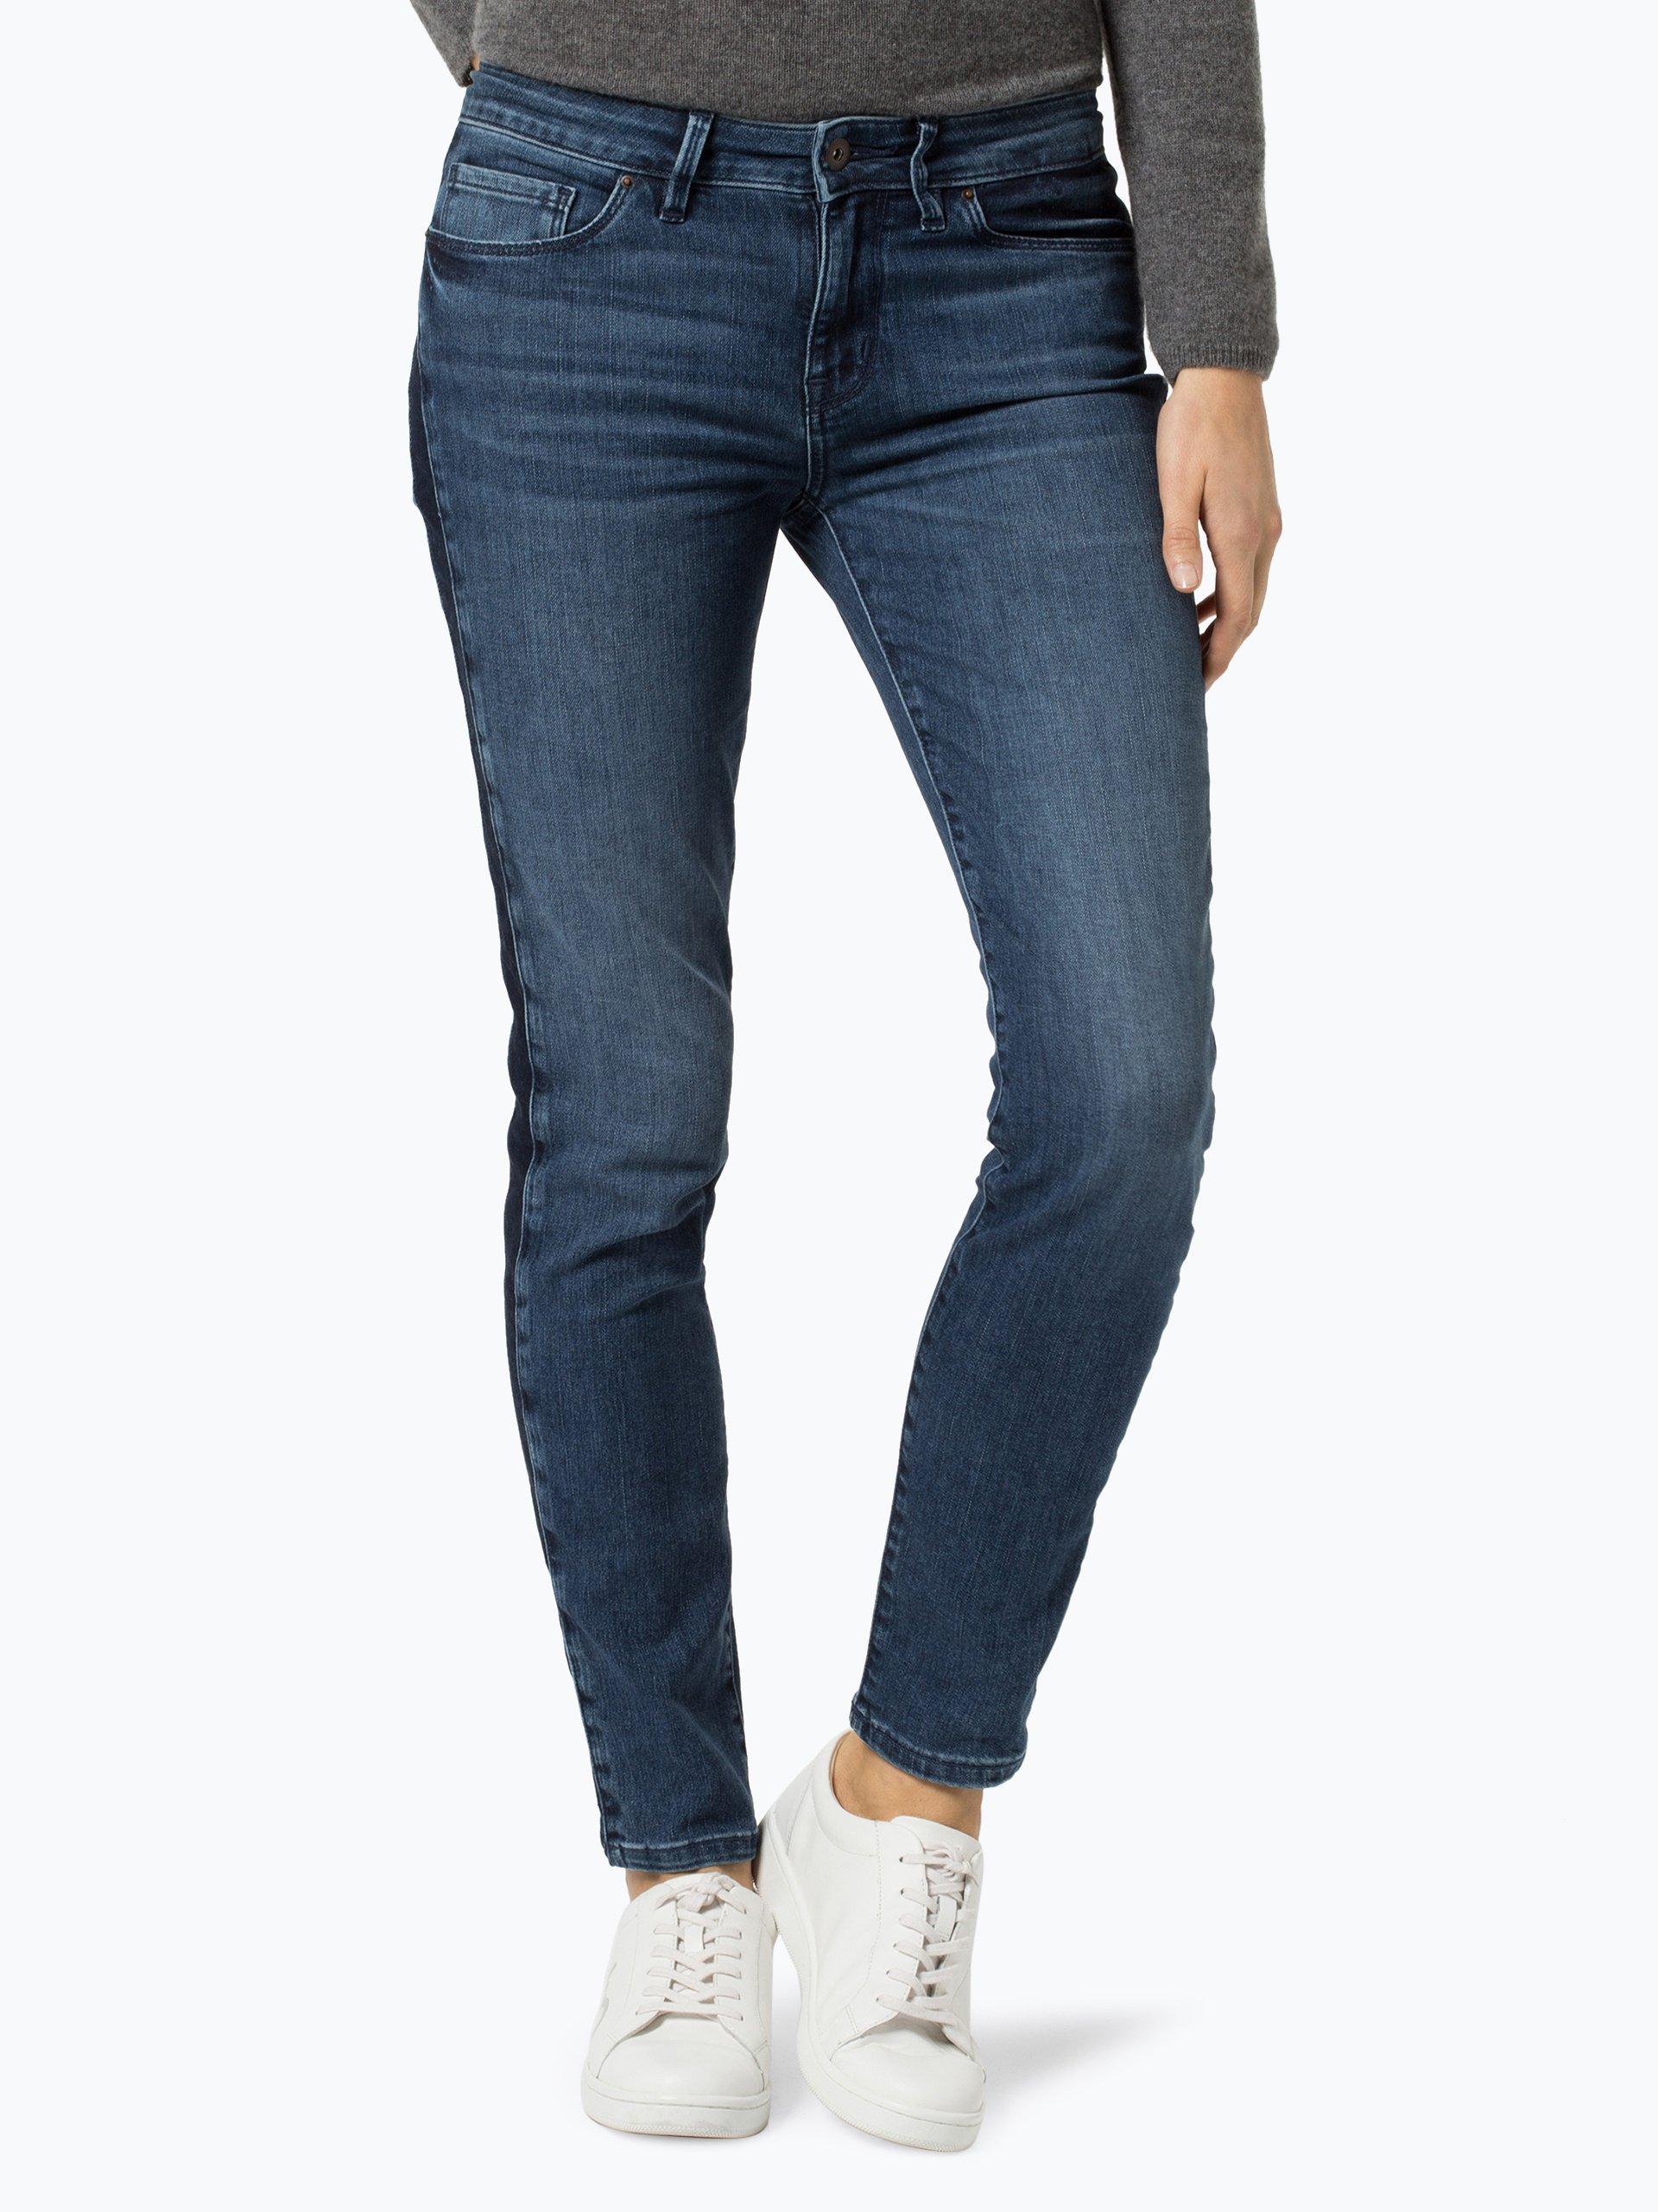 tommy hilfiger damen jeans venice online kaufen peek. Black Bedroom Furniture Sets. Home Design Ideas